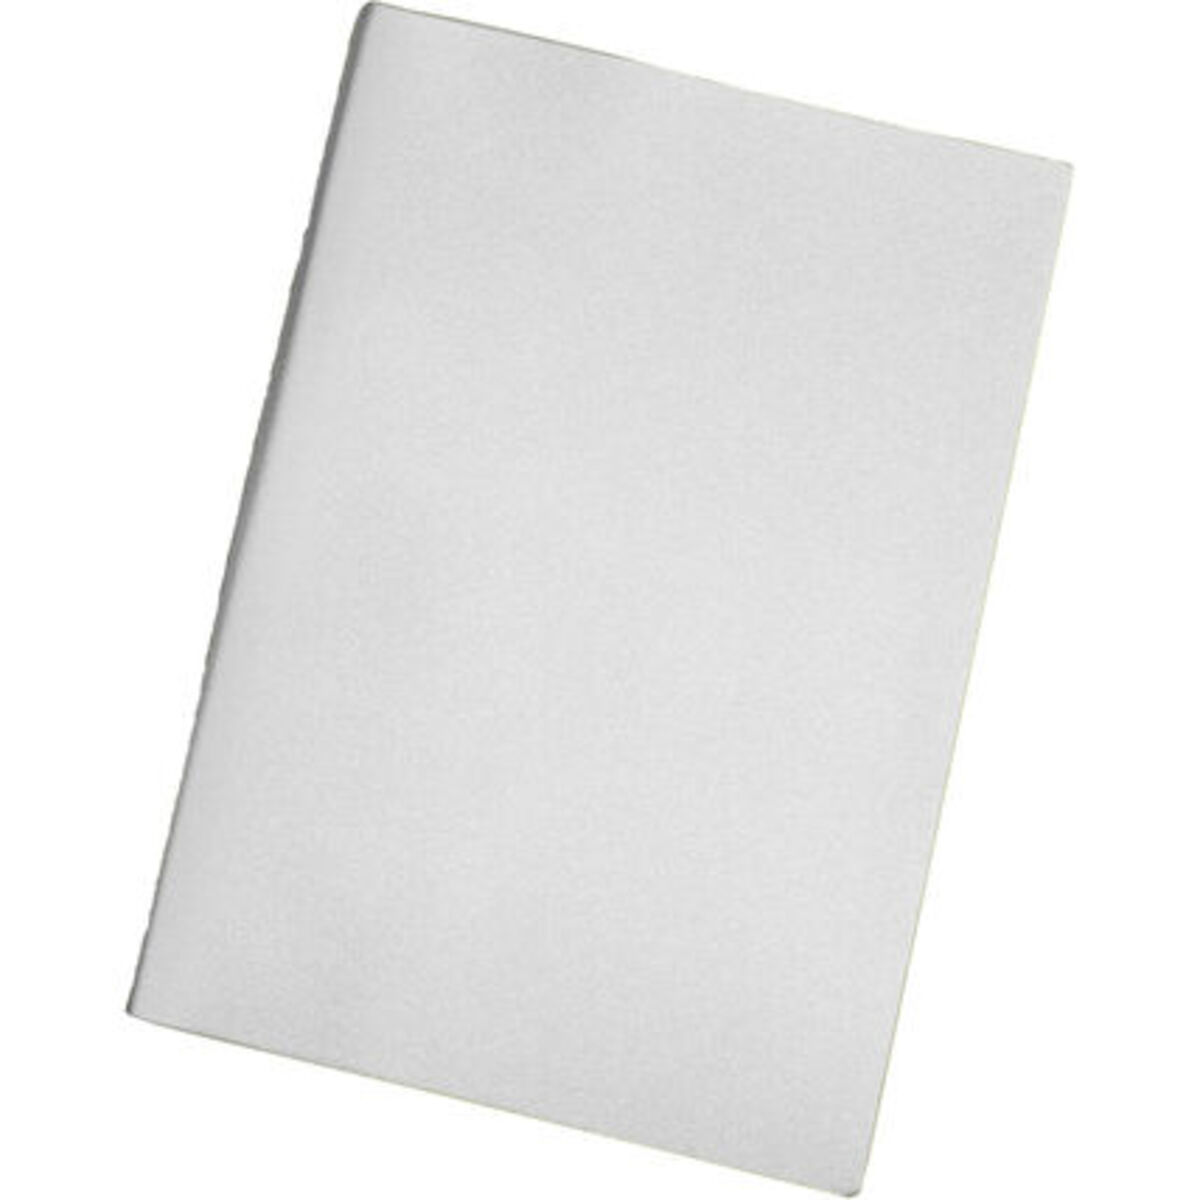 Bild 1 von florex® Platin Topper-Spannbettlaken Platin, 100x200 cm, silber, cm